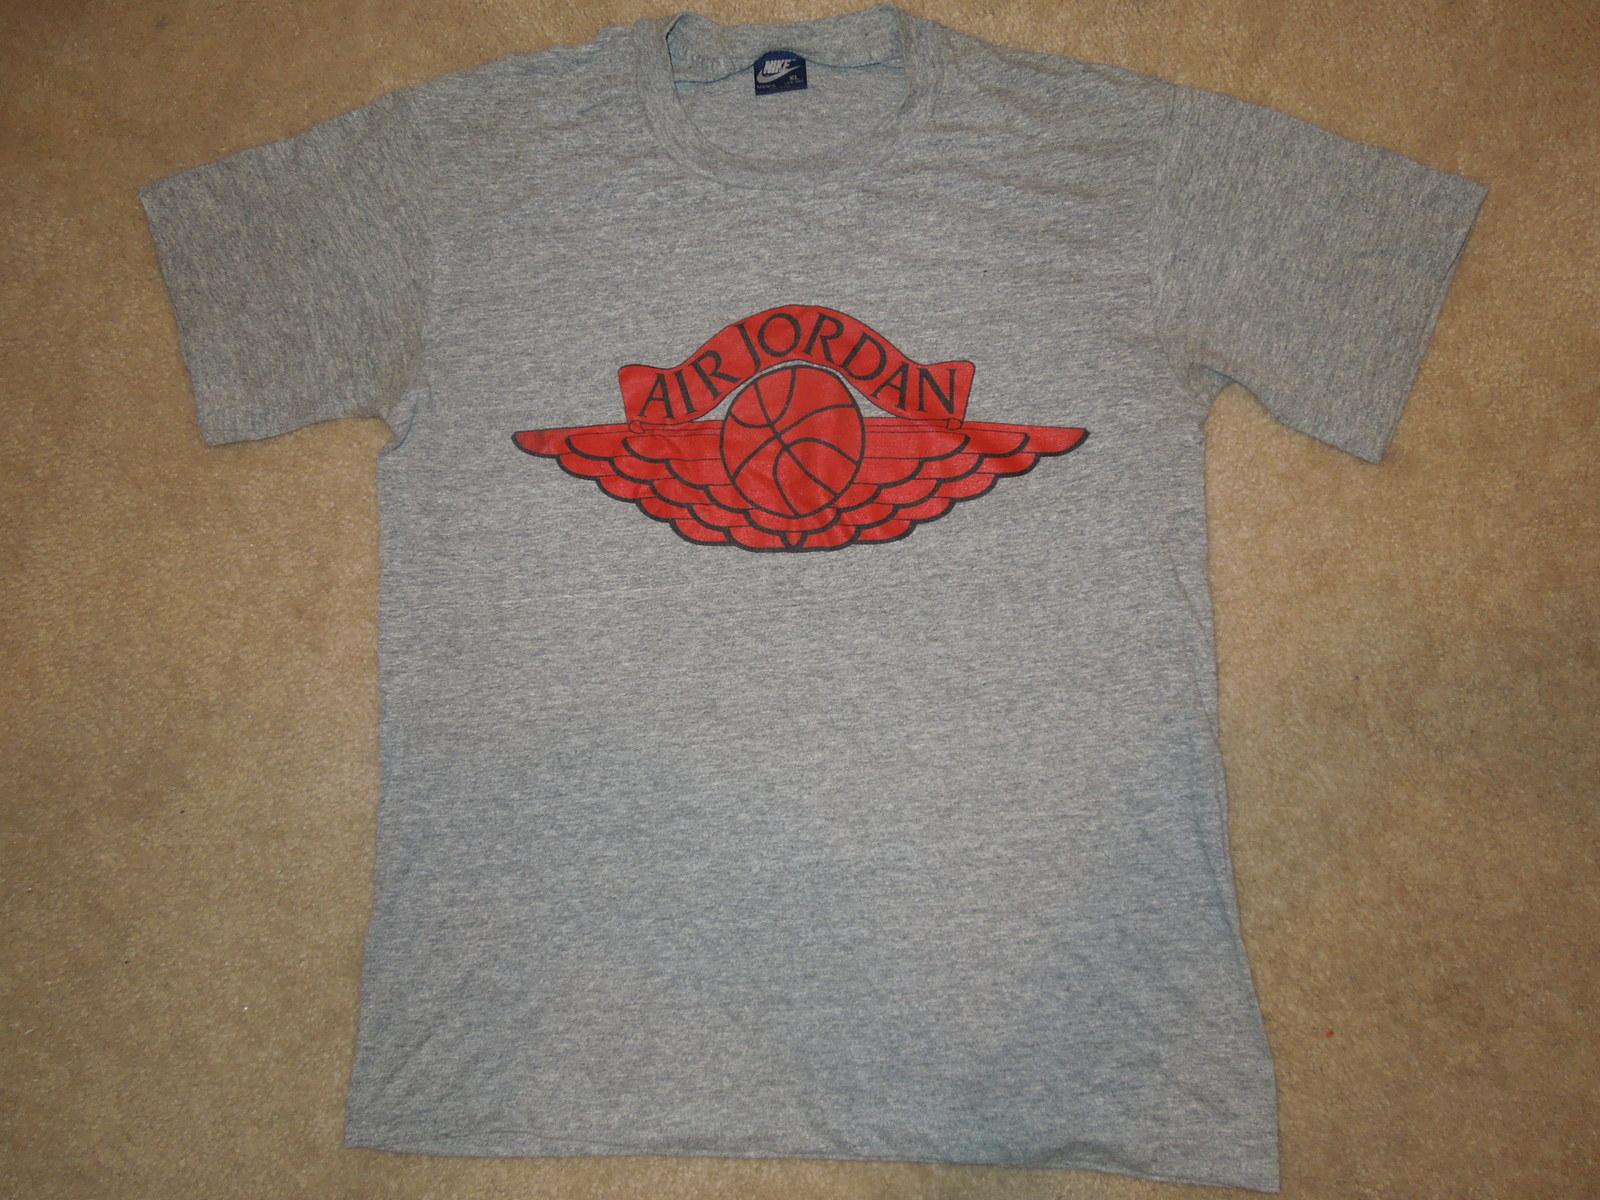 b839ff7d8320 Dscn3441. Dscn3441. Previous. Vintage Retro 80 s Blue Tag Air Jordan Nike T-Shirt  Size XL. Vintage Retro 80 s ...